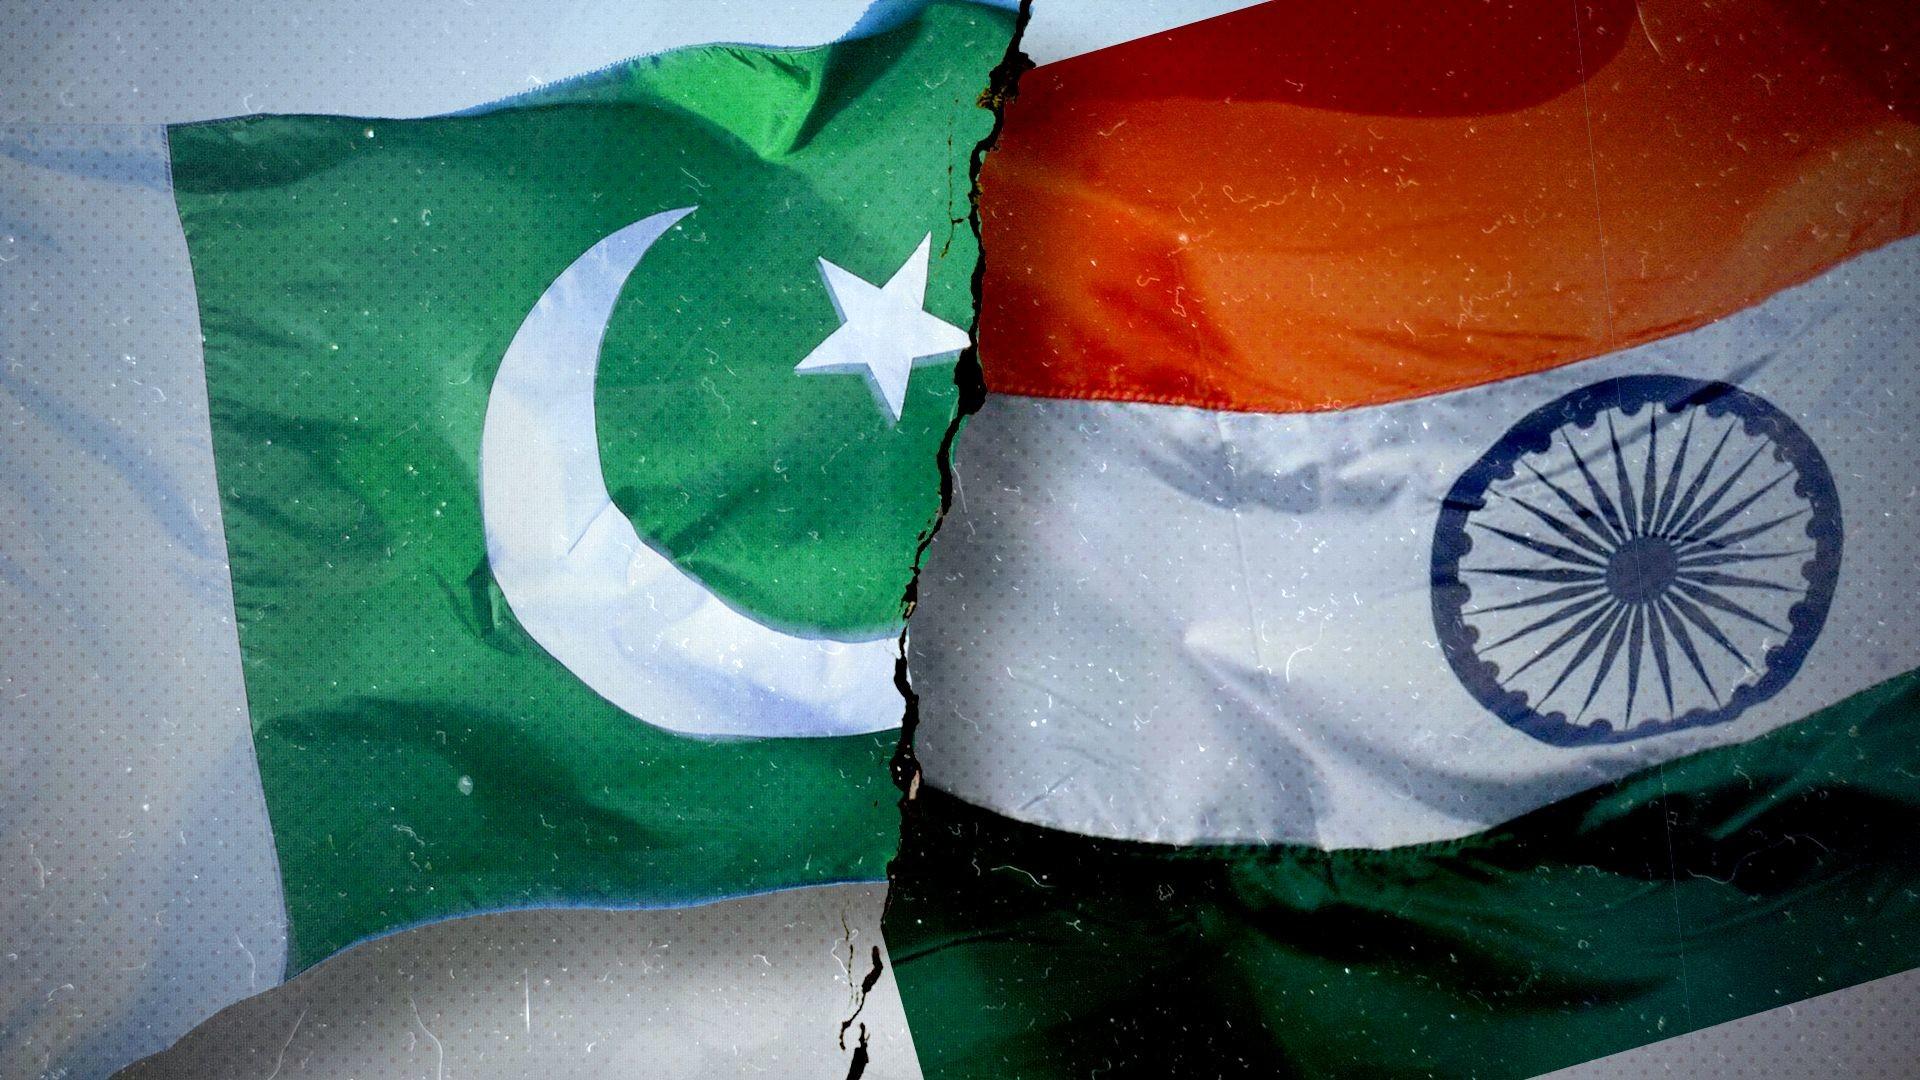 خبير يقدّر احتمالات نشوب حرب كبرى بين الهند وباكستان